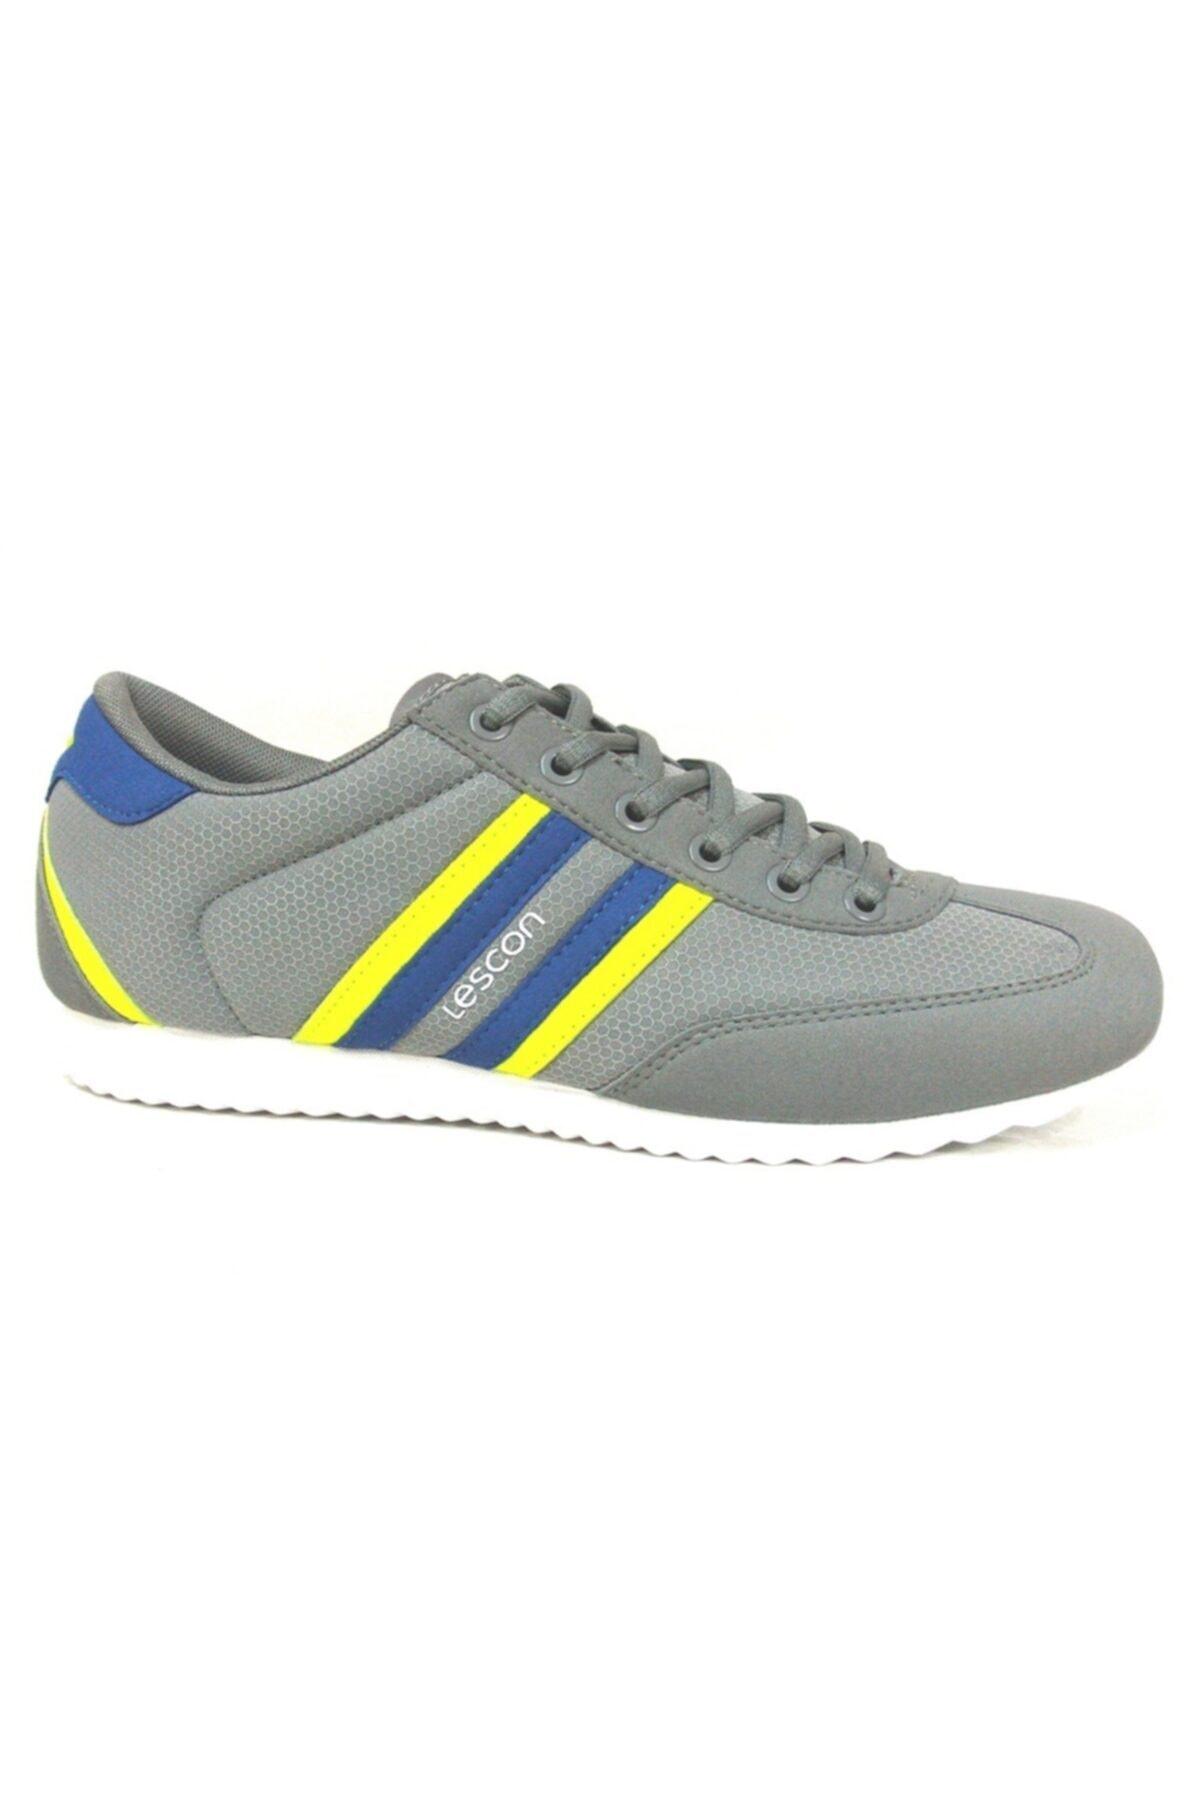 Lescon Gri Fosfor Lifestyle Günlük Spor Ayakkabı 2